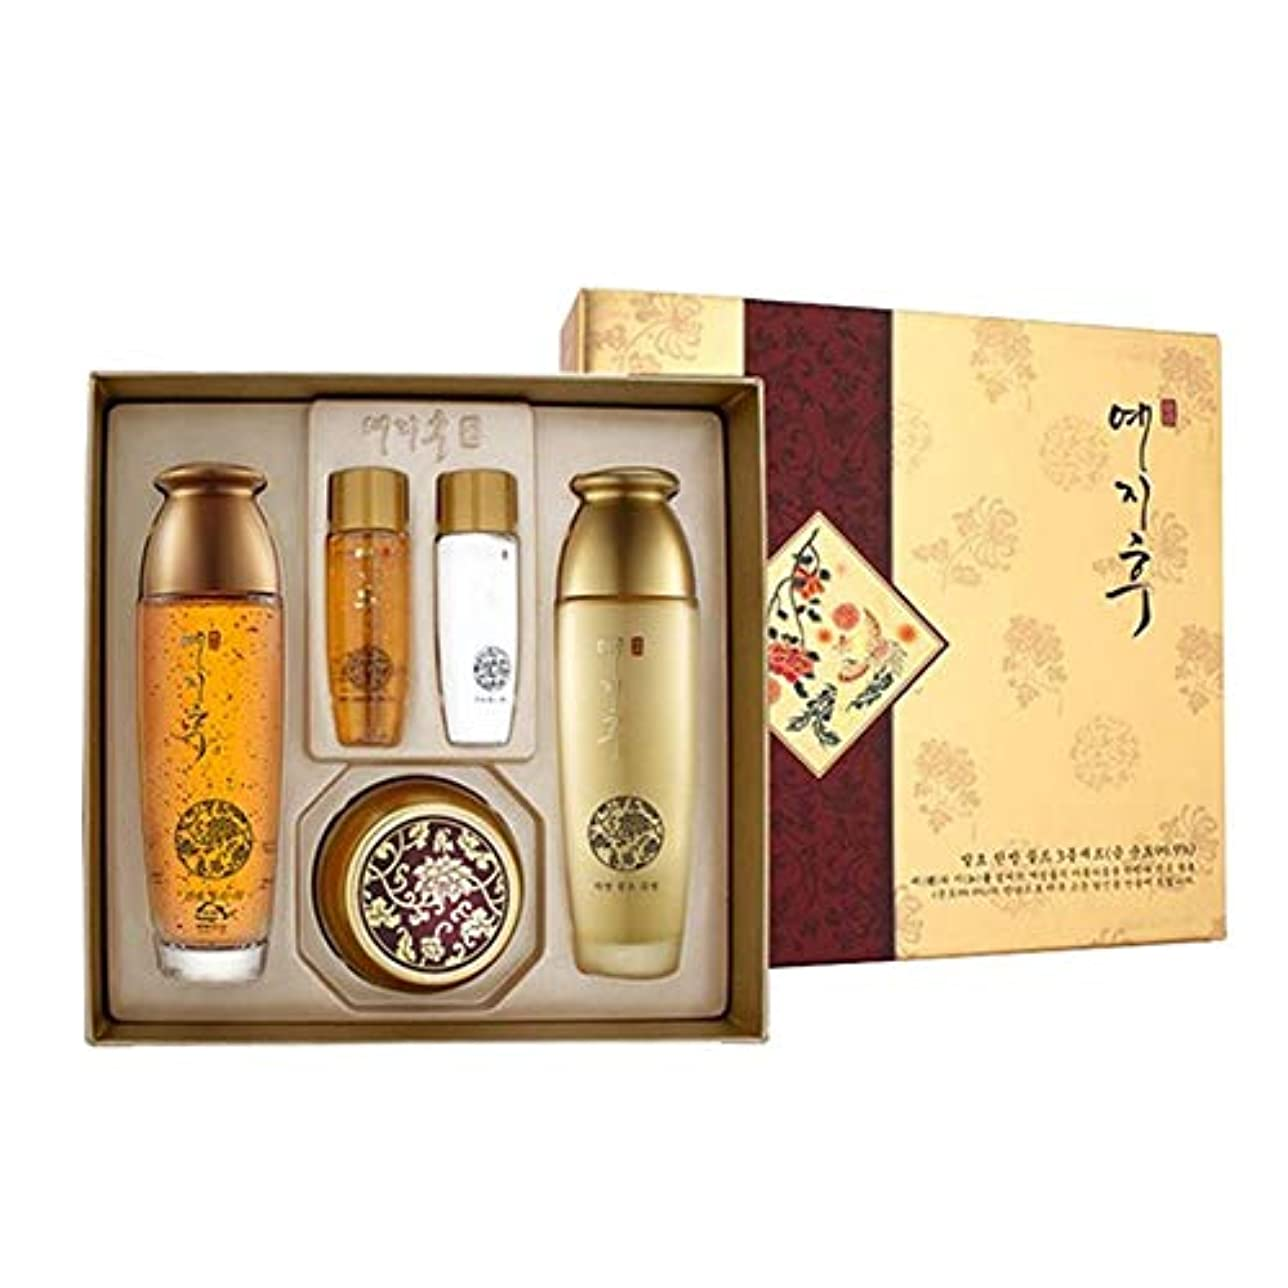 深さできるによるとイェジフ漢方ゴールド3種セットゴールド水180ml(150+30) ゴールド乳液180ml(150+30) ゴールド栄養クリーム50ml、Yezihu 3 Sets of Herbal Gold Cosmetics [並行輸入品]